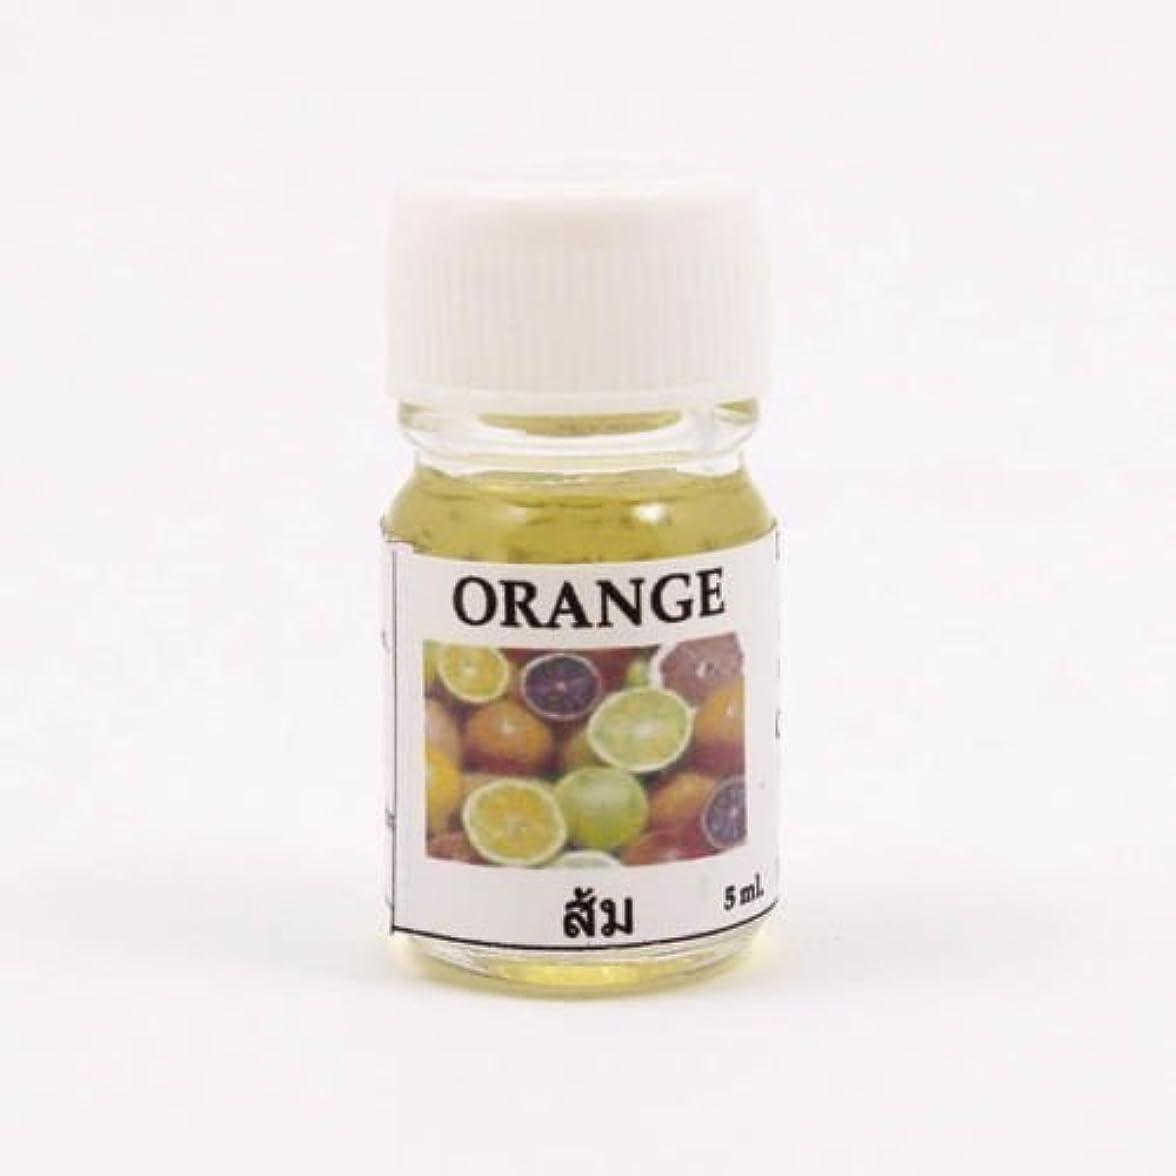 ライム記憶に残る薄汚い6X Orange Aroma Fragrance Essential Oil 5ML. (cc) Diffuser Burner Therapy